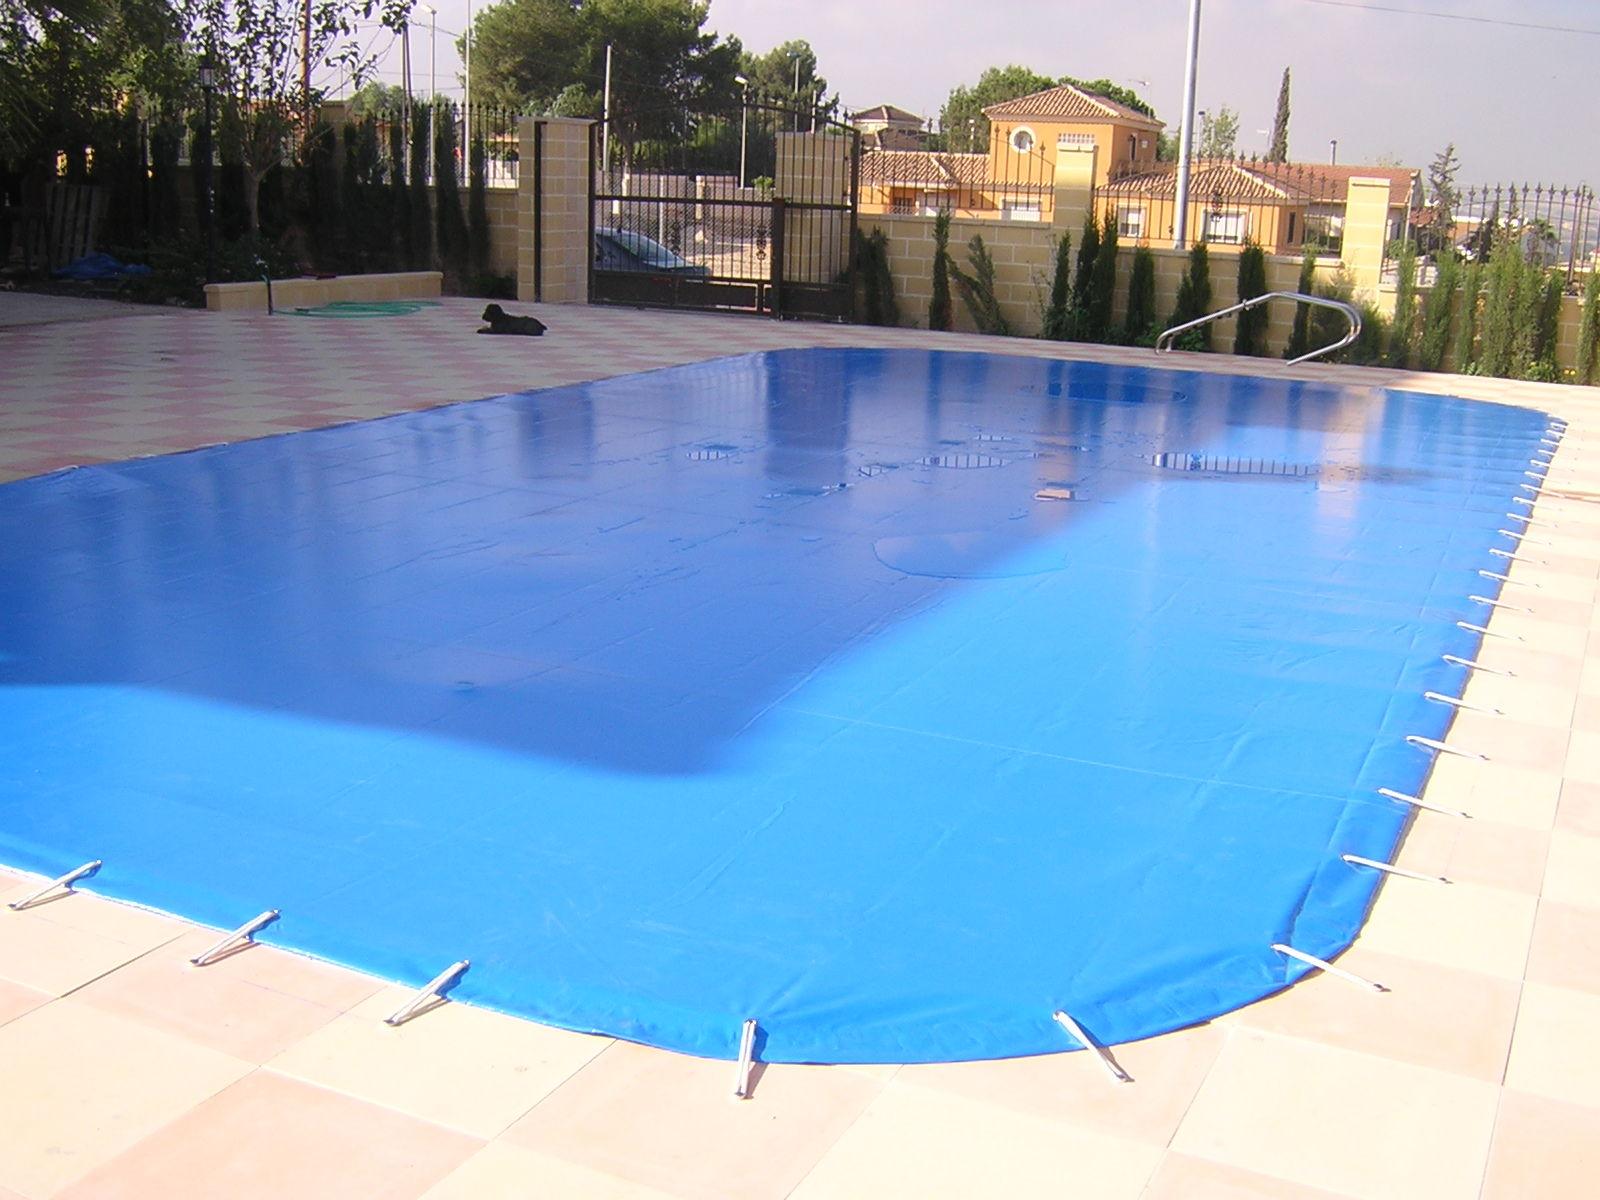 Lona piscina servicios de persianas y toldos de la cruz s l for Tensor lona piscina